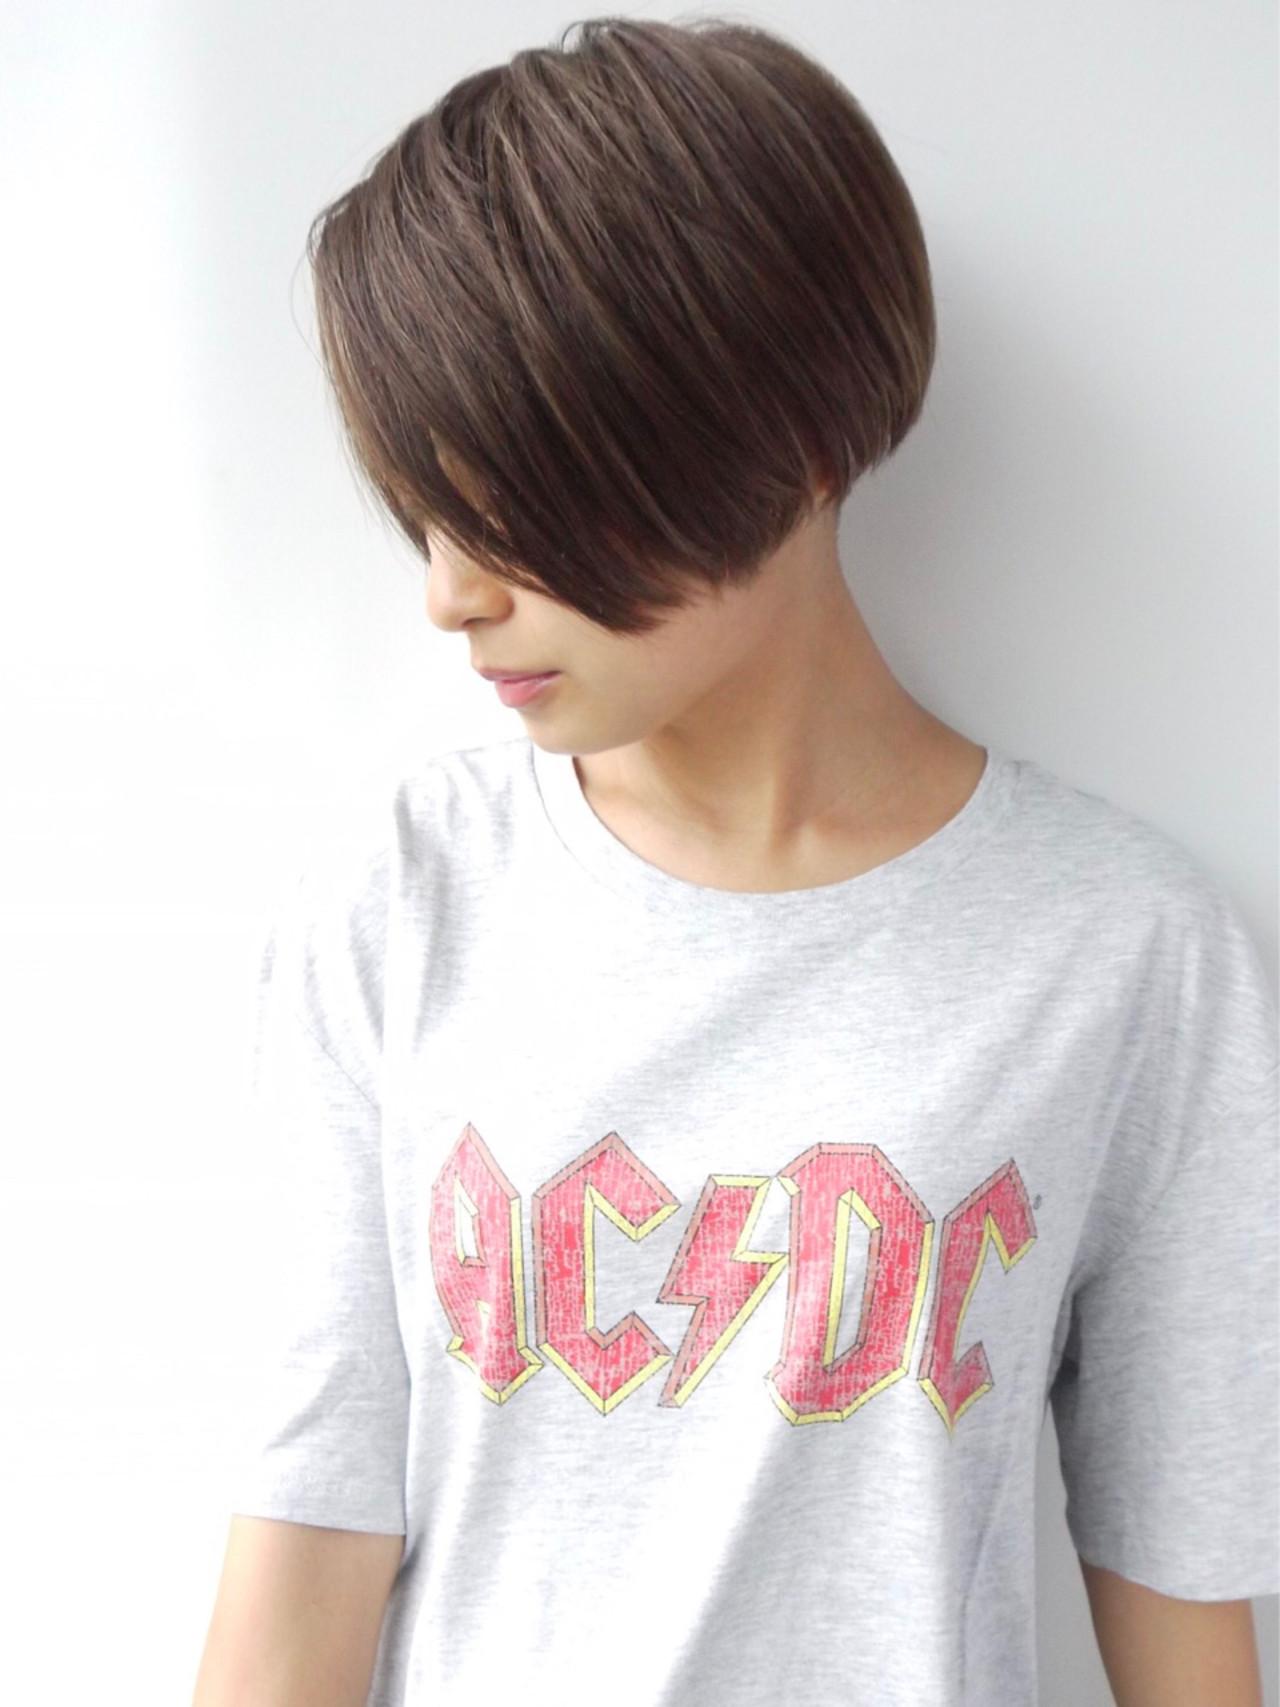 ナチュラル ショートボブ ボブ ショート ヘアスタイルや髪型の写真・画像 | 千葉正幸/morio / モリオフロムロンドン 原宿本店